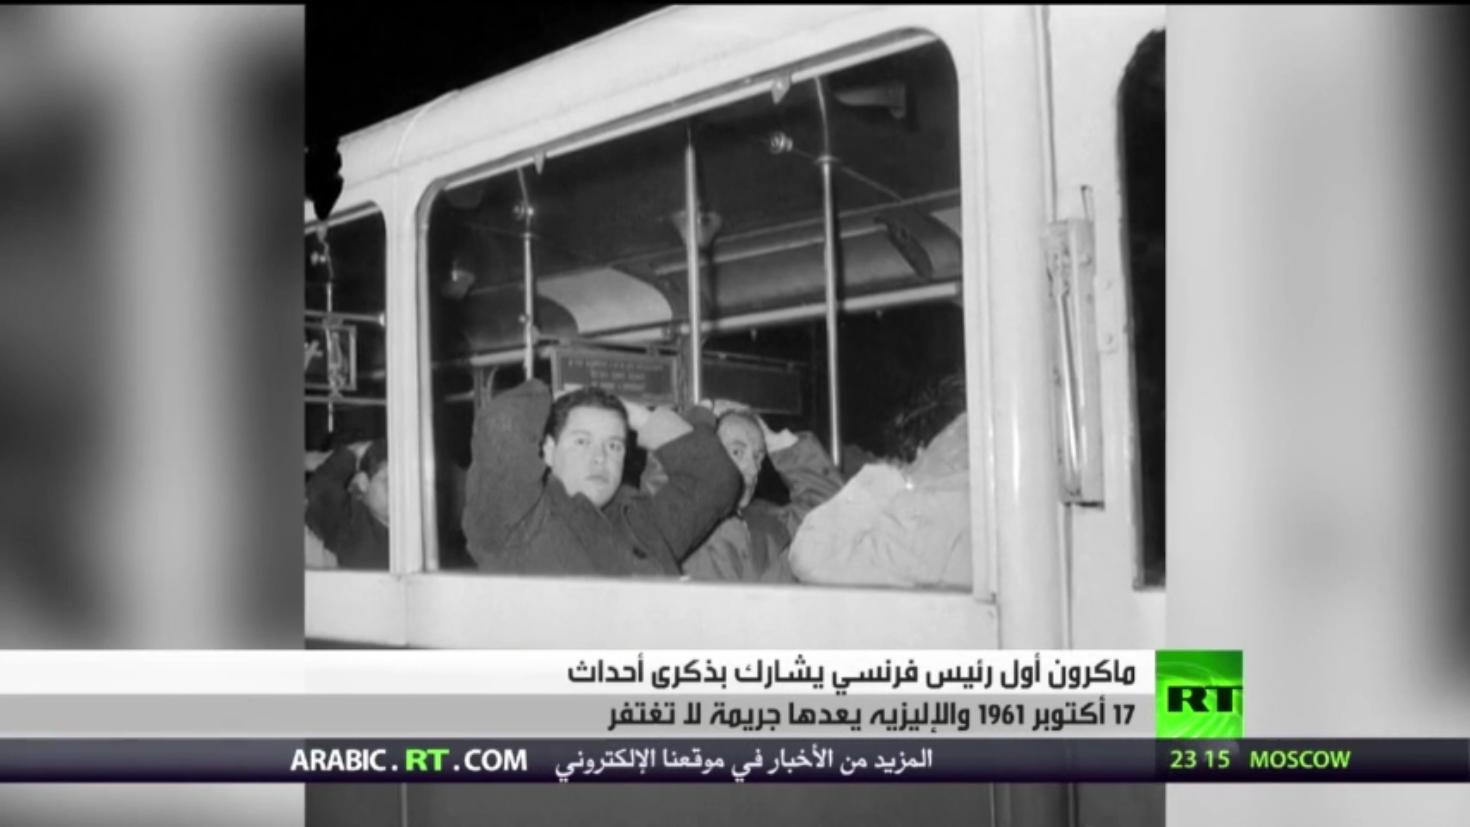 ماكرون يندد بجرائم ضد جزائريين في باريس